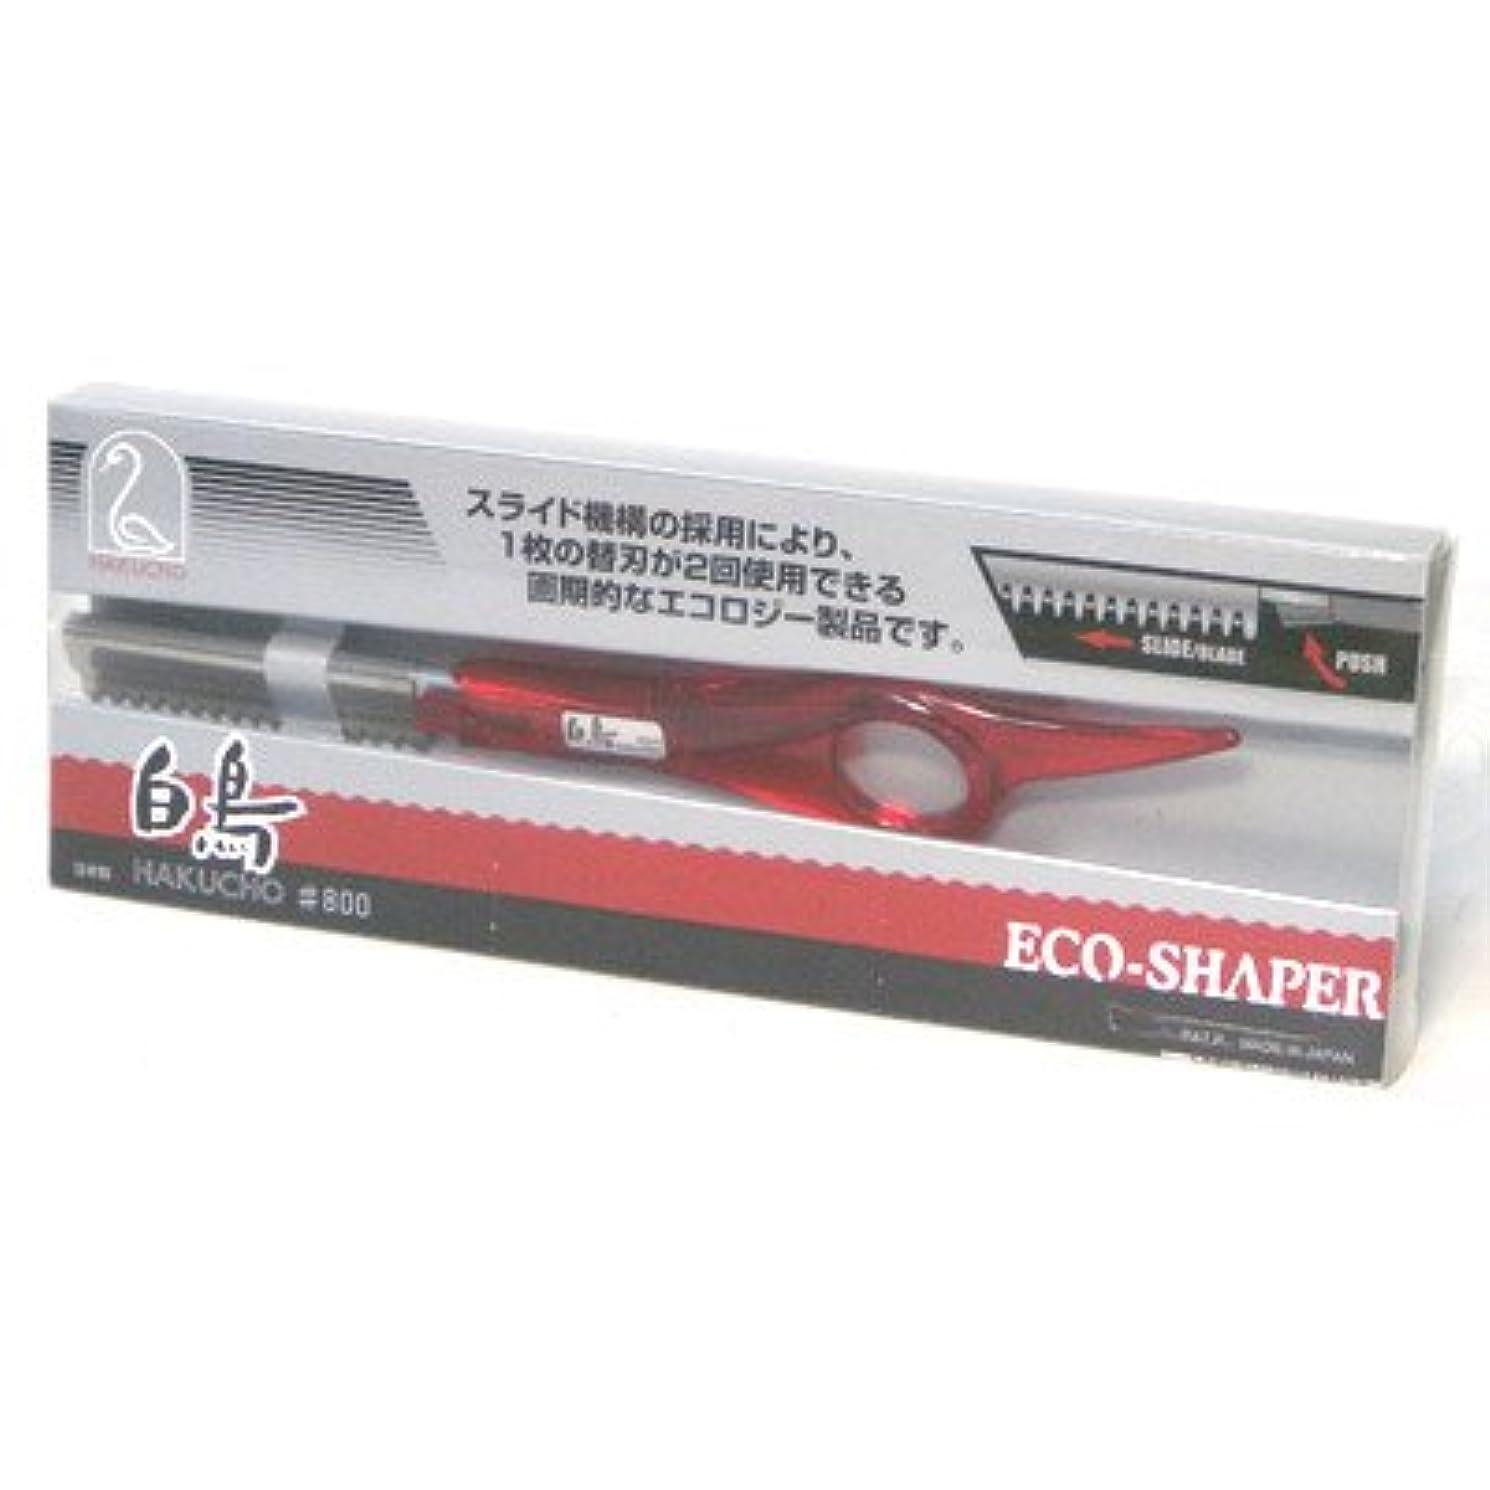 配管工合唱団ボイド白鳥 カットレザー #800 ECO-SHAPER